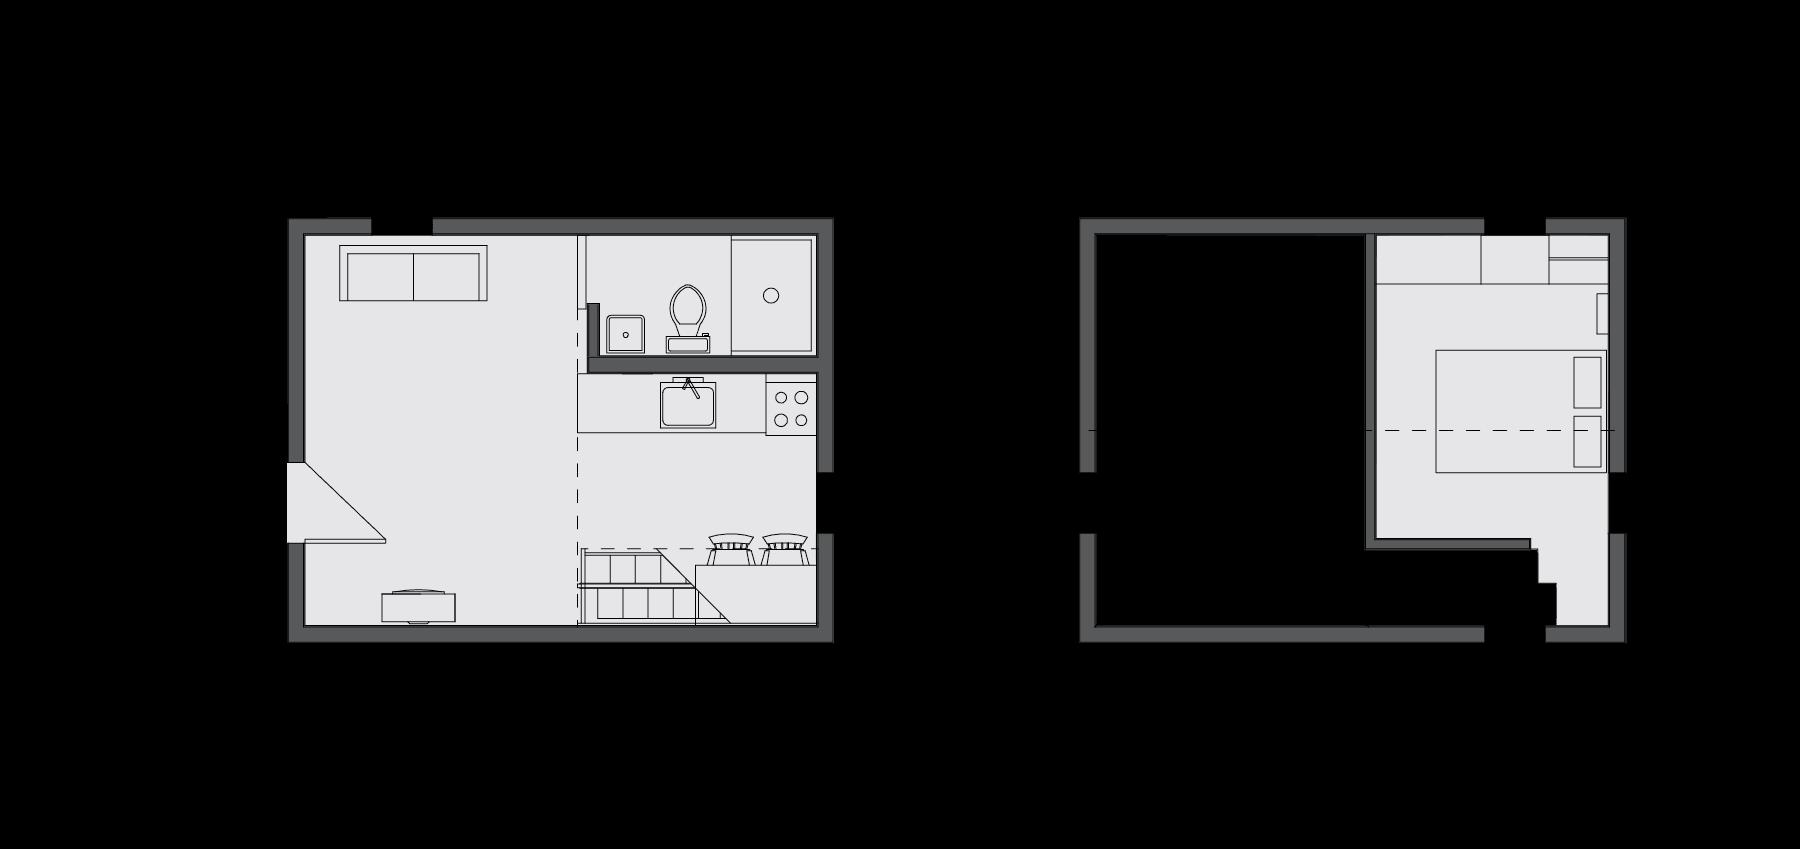 floor plan of Loft Home, showing ground floor and loft